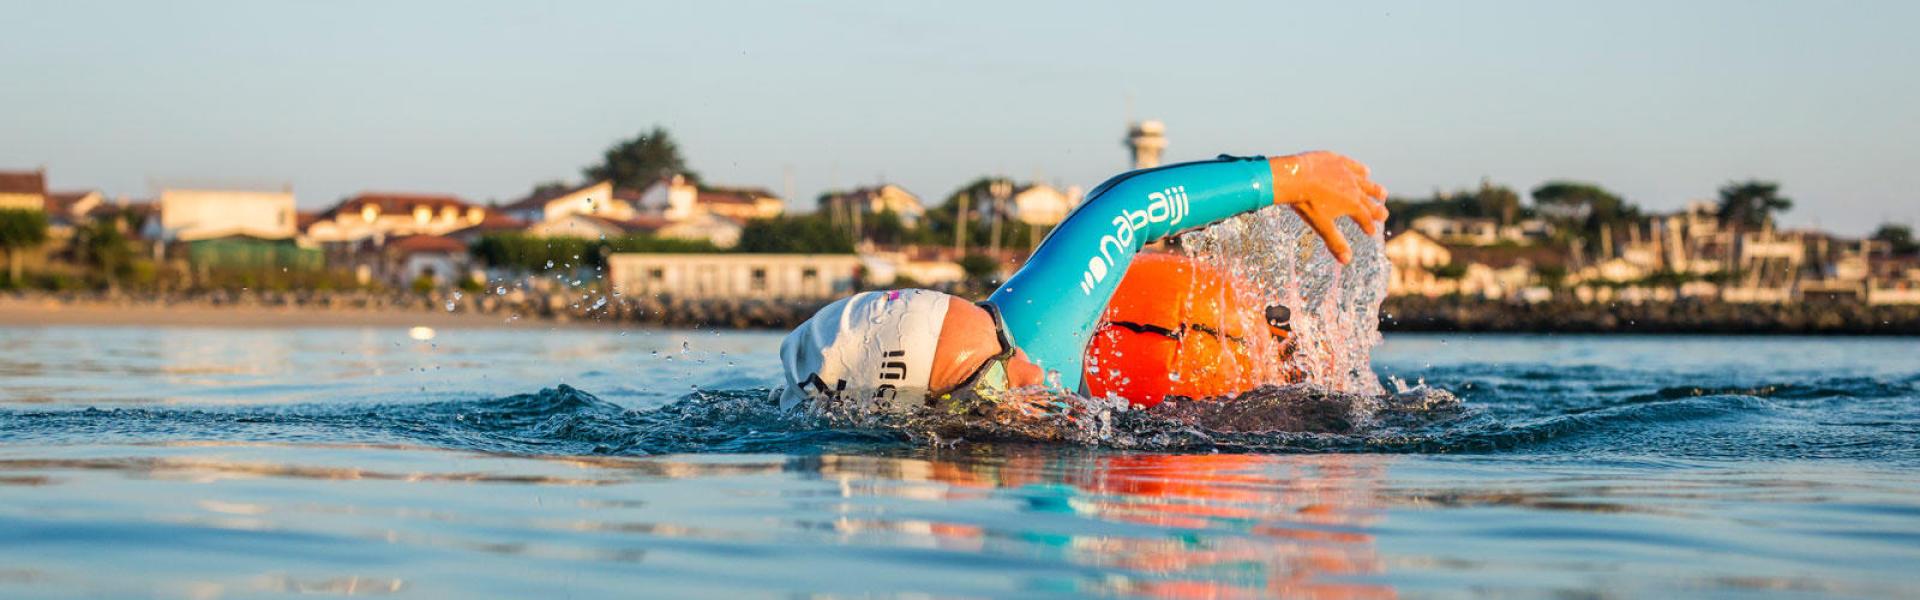 bbe923141 combinaison de natation nage en eau libre